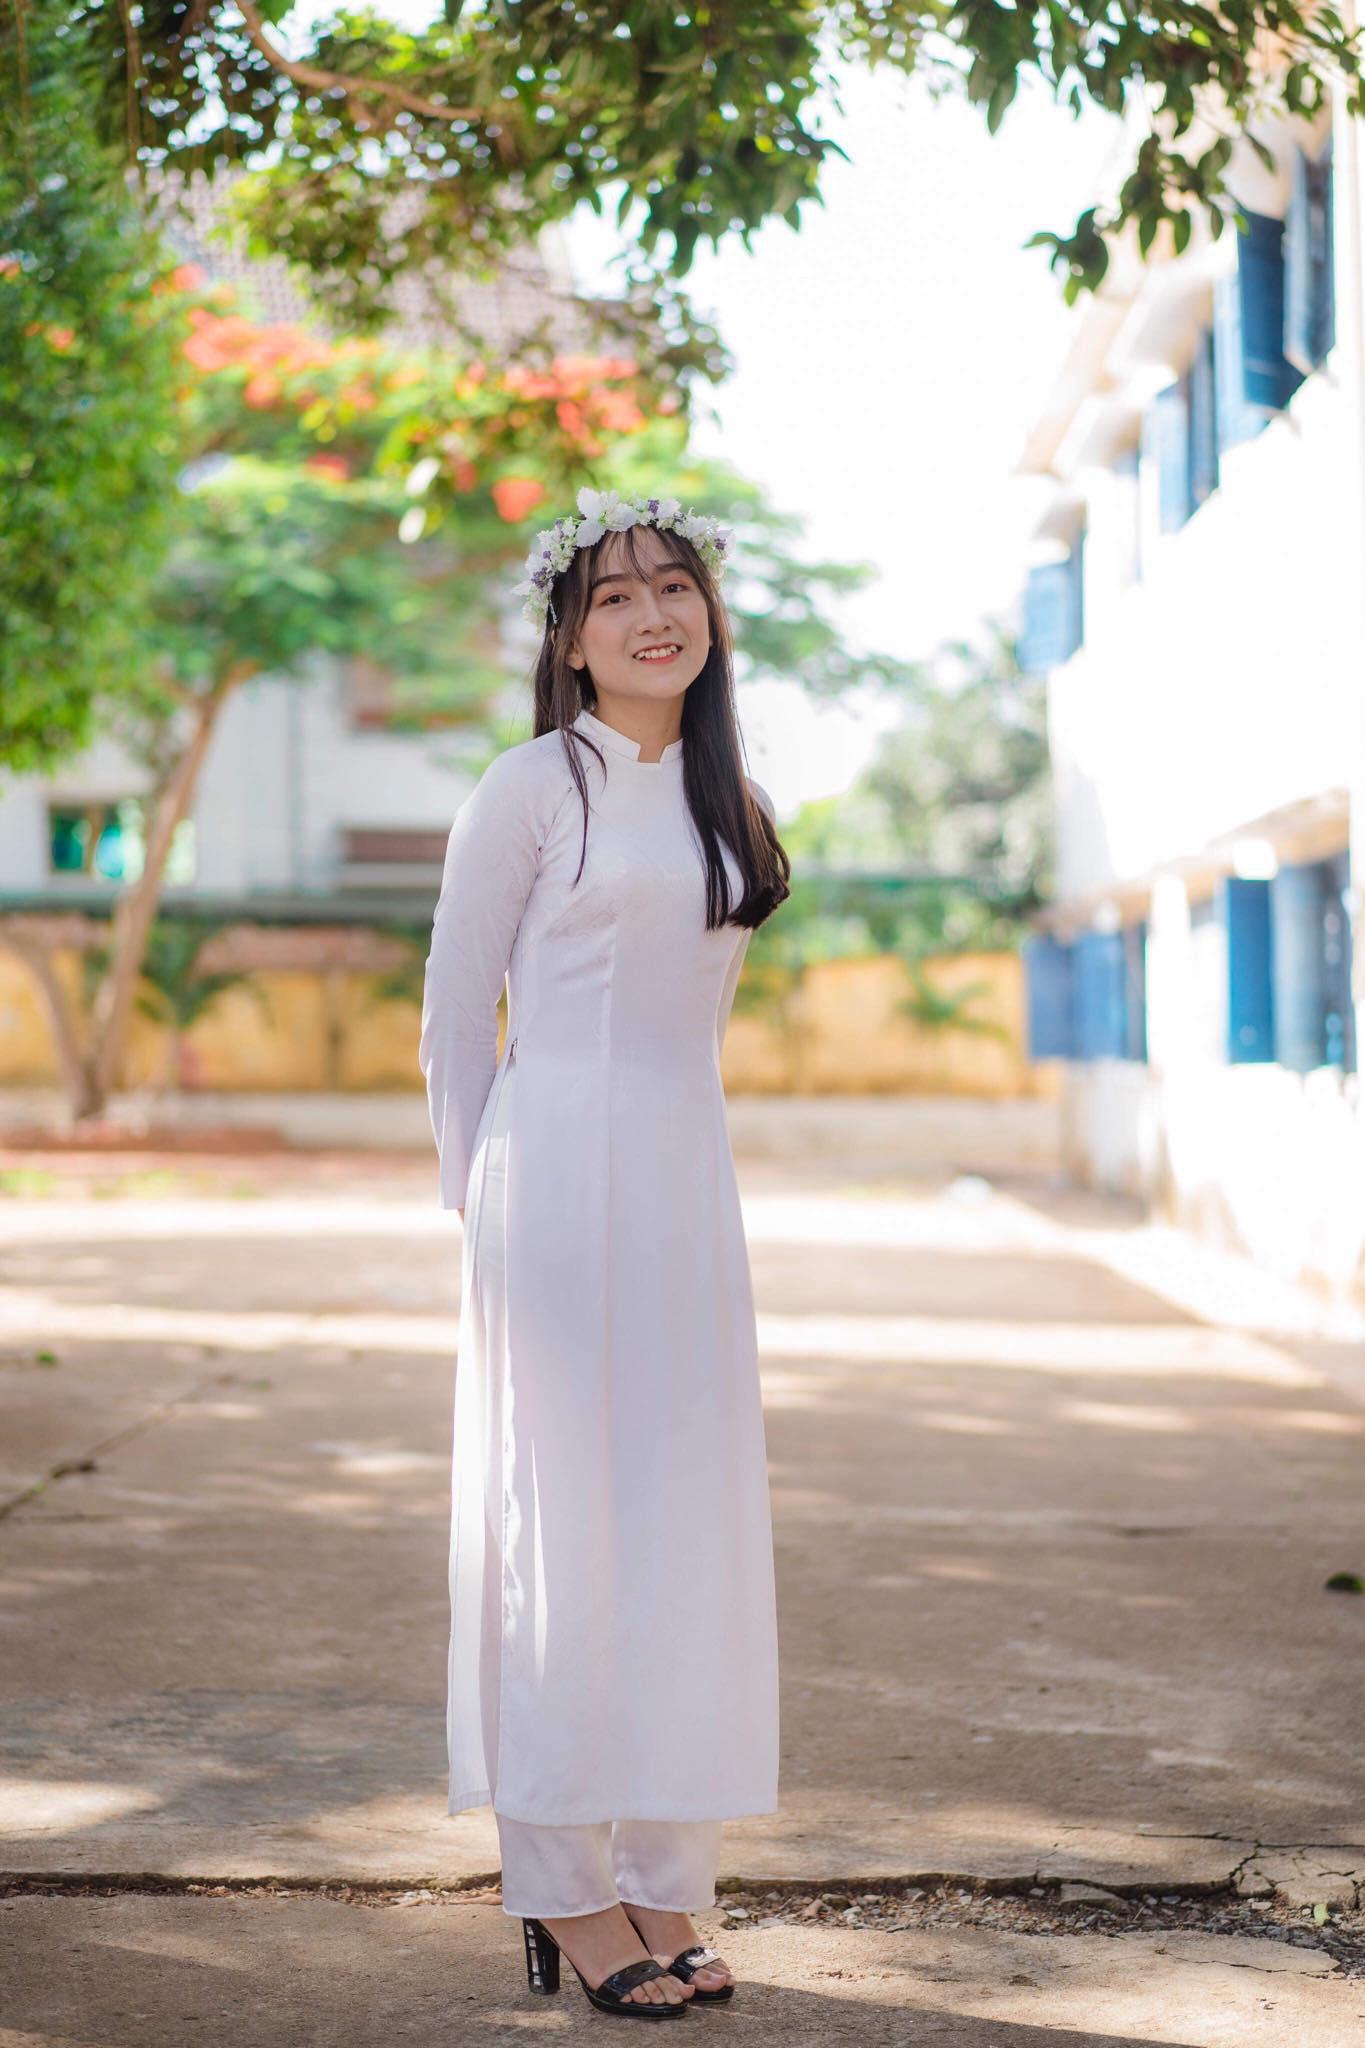 Xuất hiện một lớp học ở Đắk Lắk ai cũng xinh và giỏi xuất sắc, đúng là không thể chê được con gái Tây Nguyên - Ảnh 7.